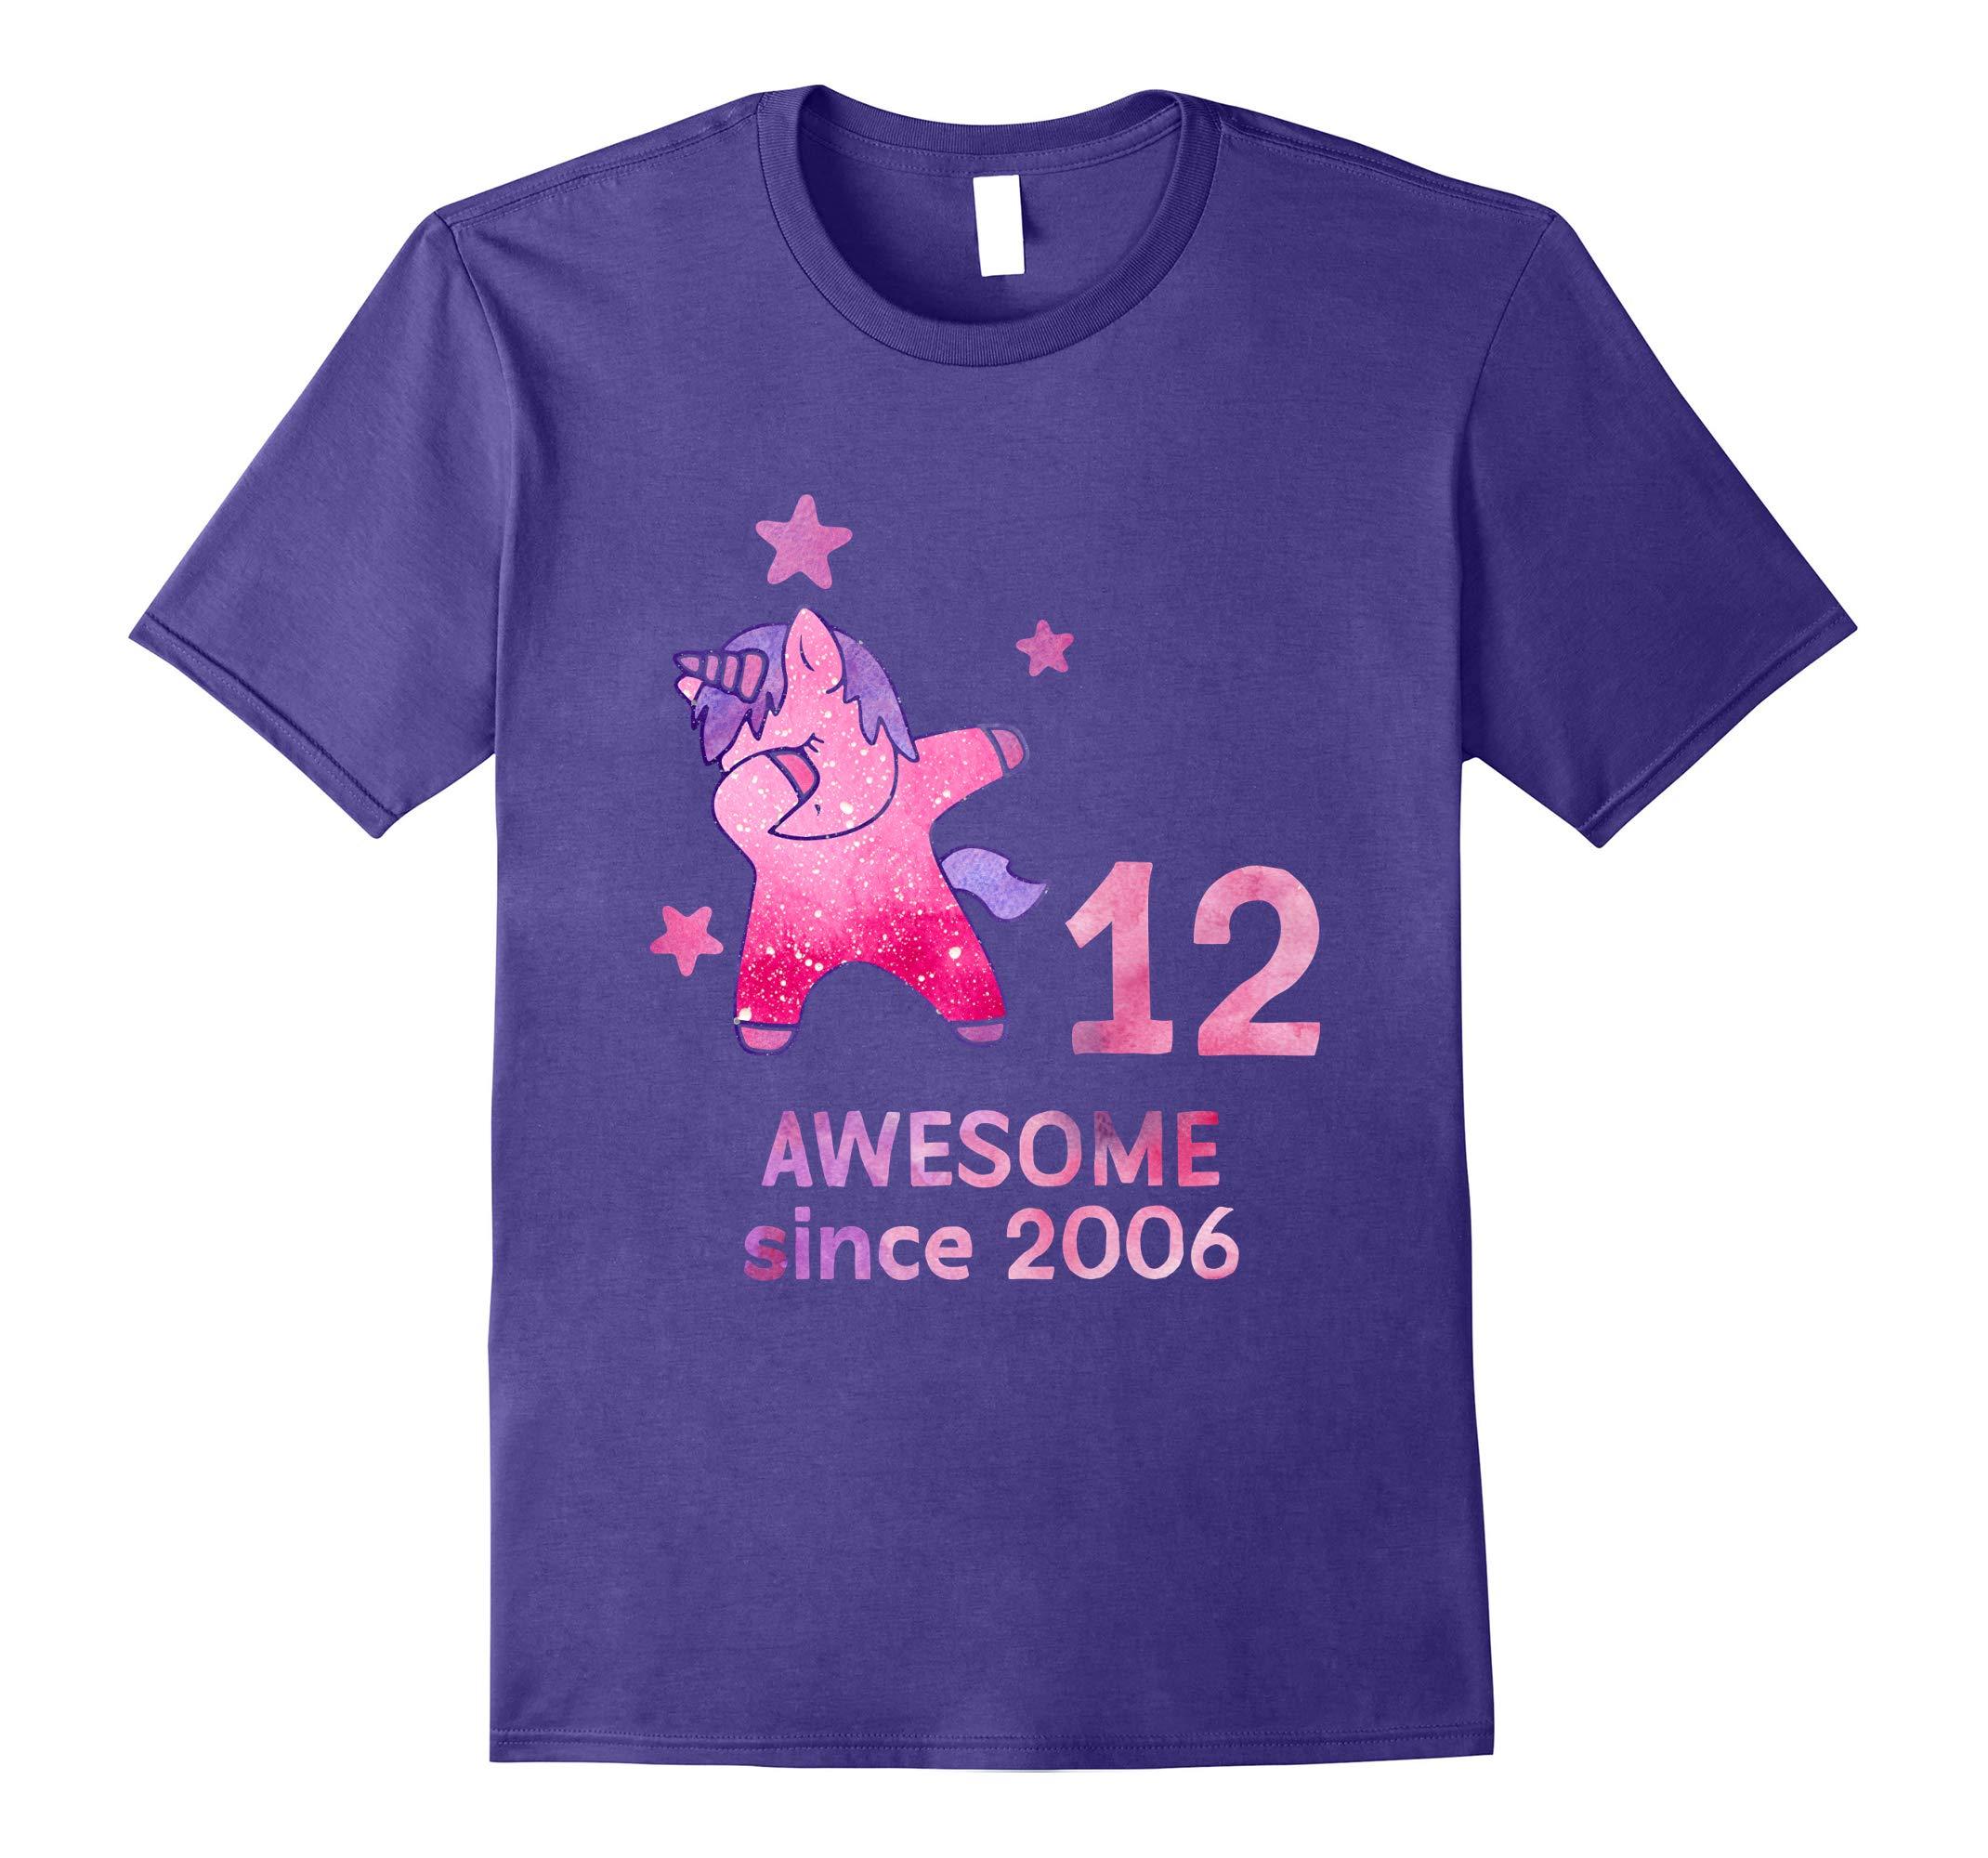 12th Birthday Shirt Unicorn Gift Girls Age 12 Women Tshirt-RT - Rateeshirt